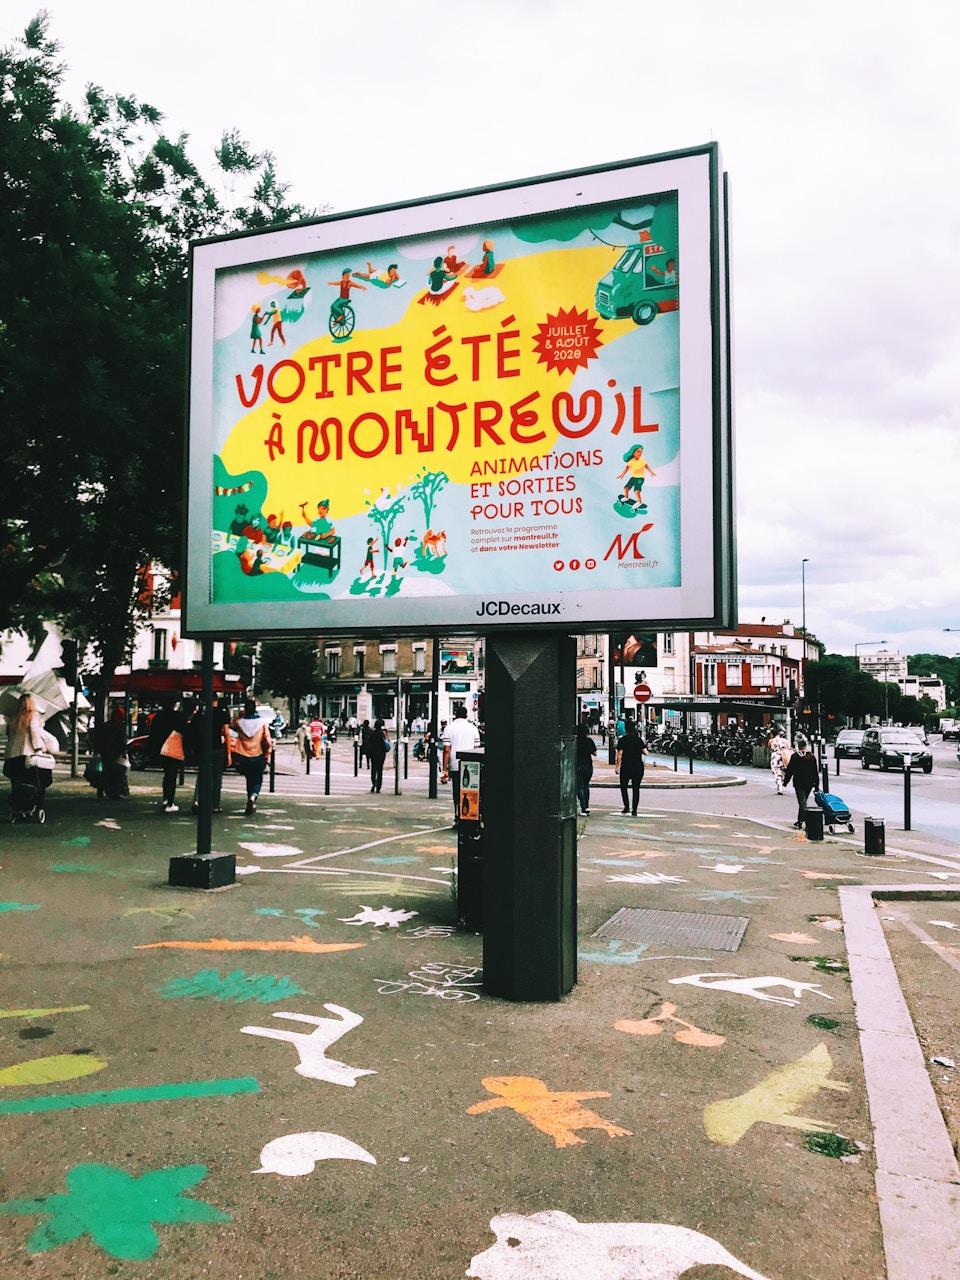 — Votre Été à Montreuil